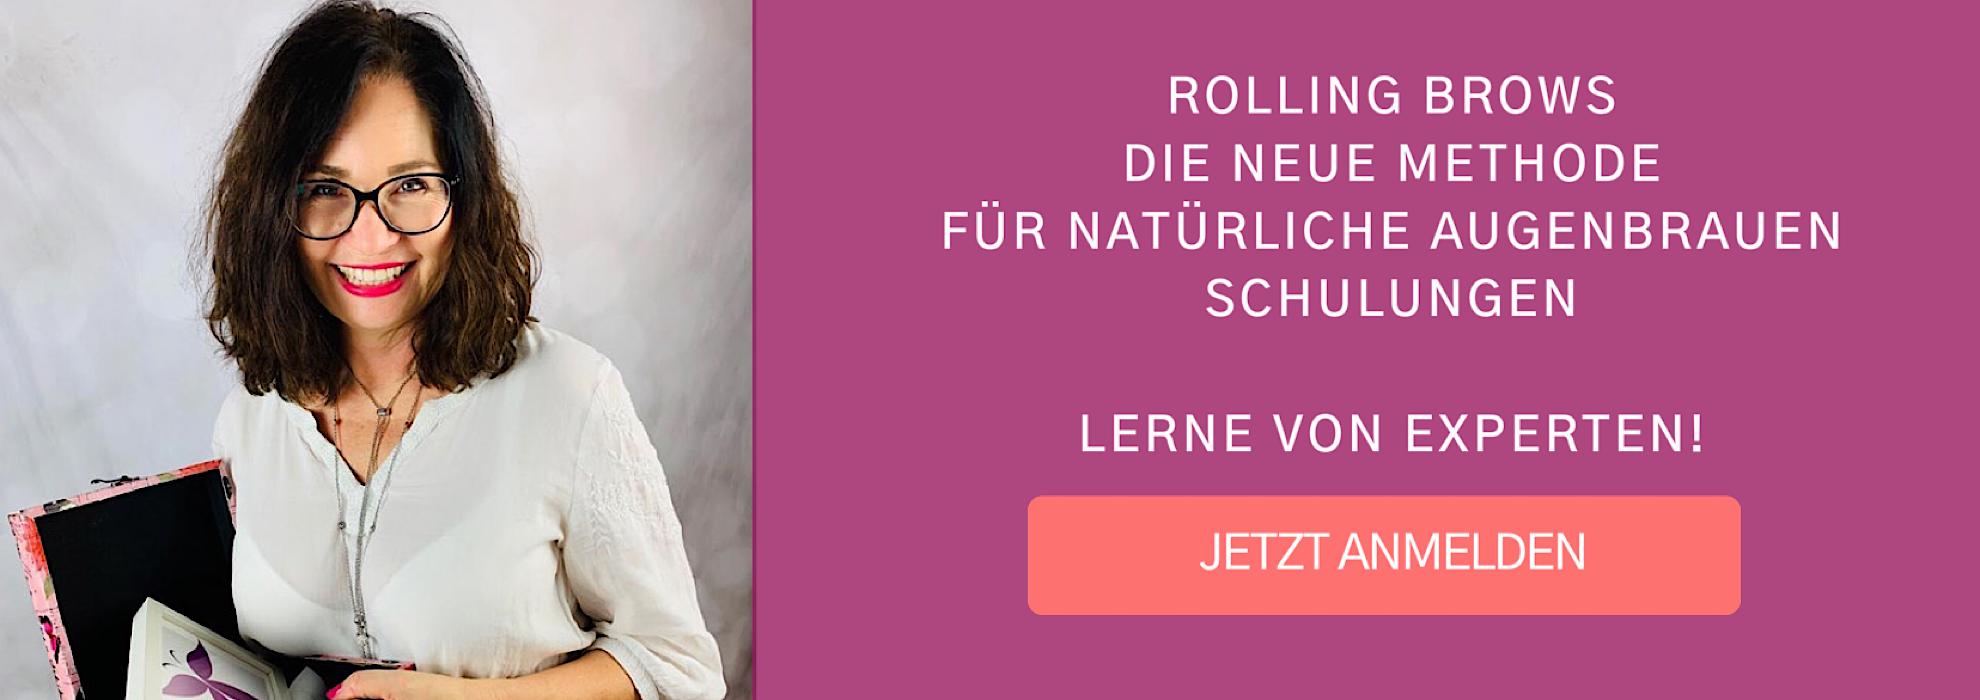 Schulung Rolling Brows Natürliche Augenbrauen